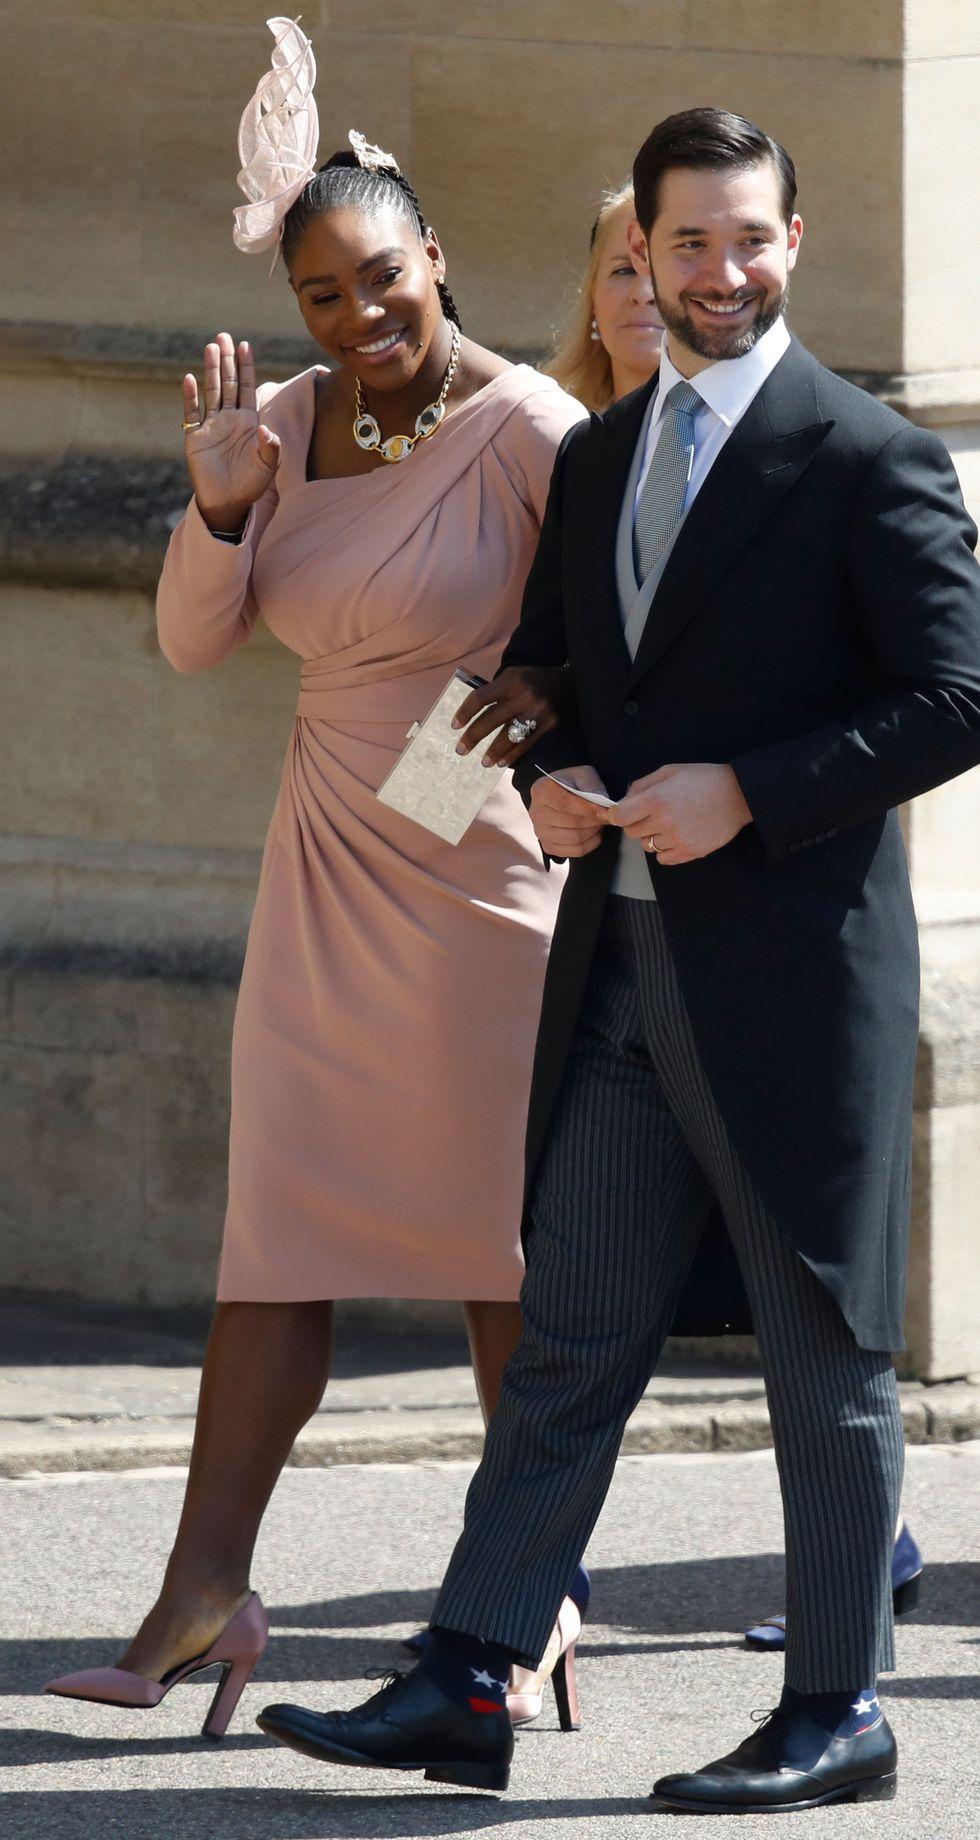 Royal Wedding A-List Guests Fashion